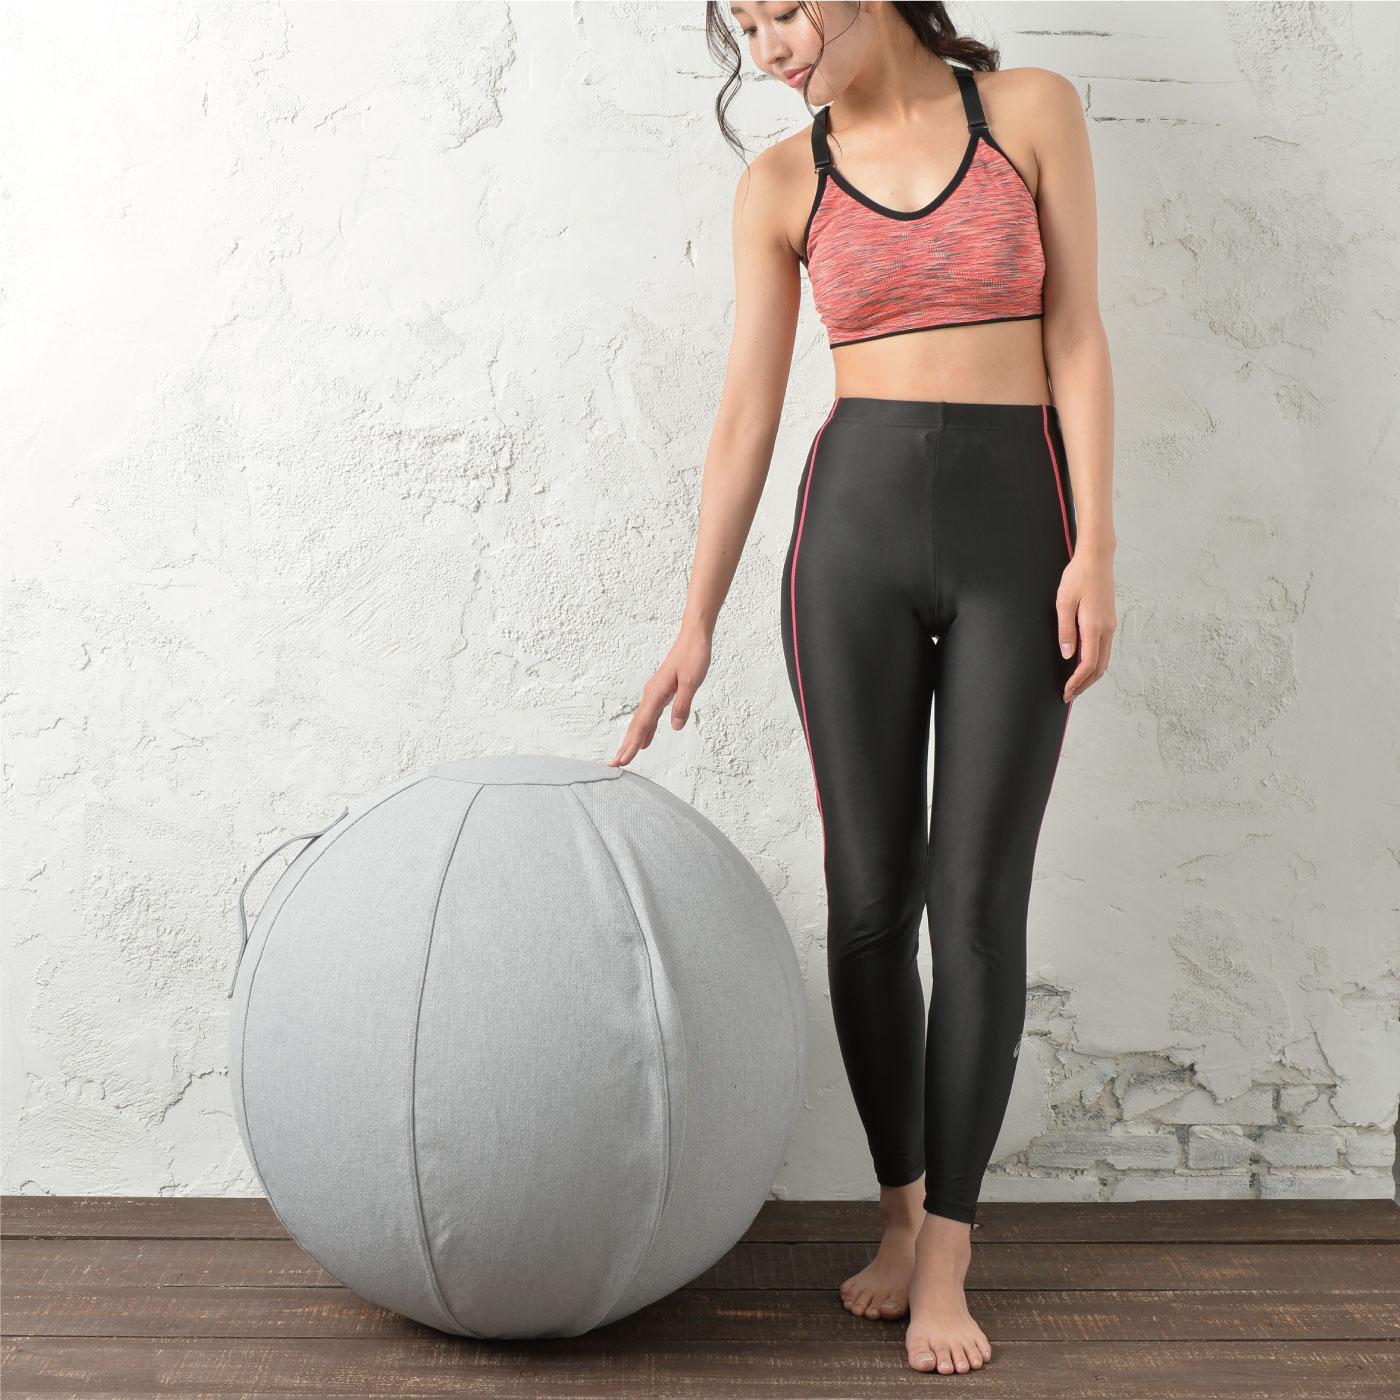 バランスボール/エクササイズボール(Balance Ball)《極-KIWAMI-》